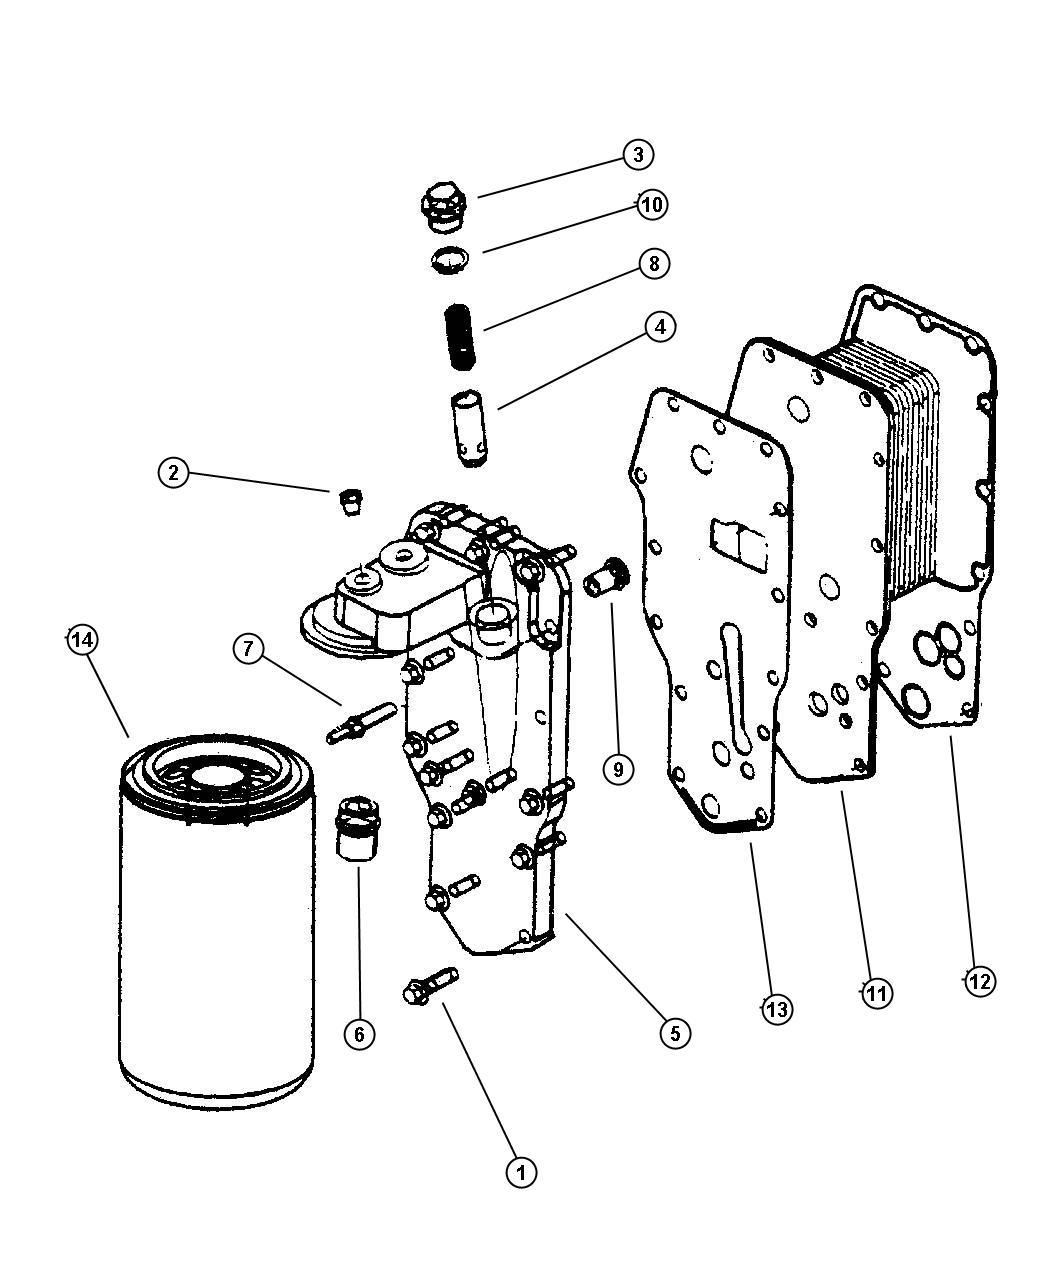 Dodge Ram Head Oil Filter Engine Emissions